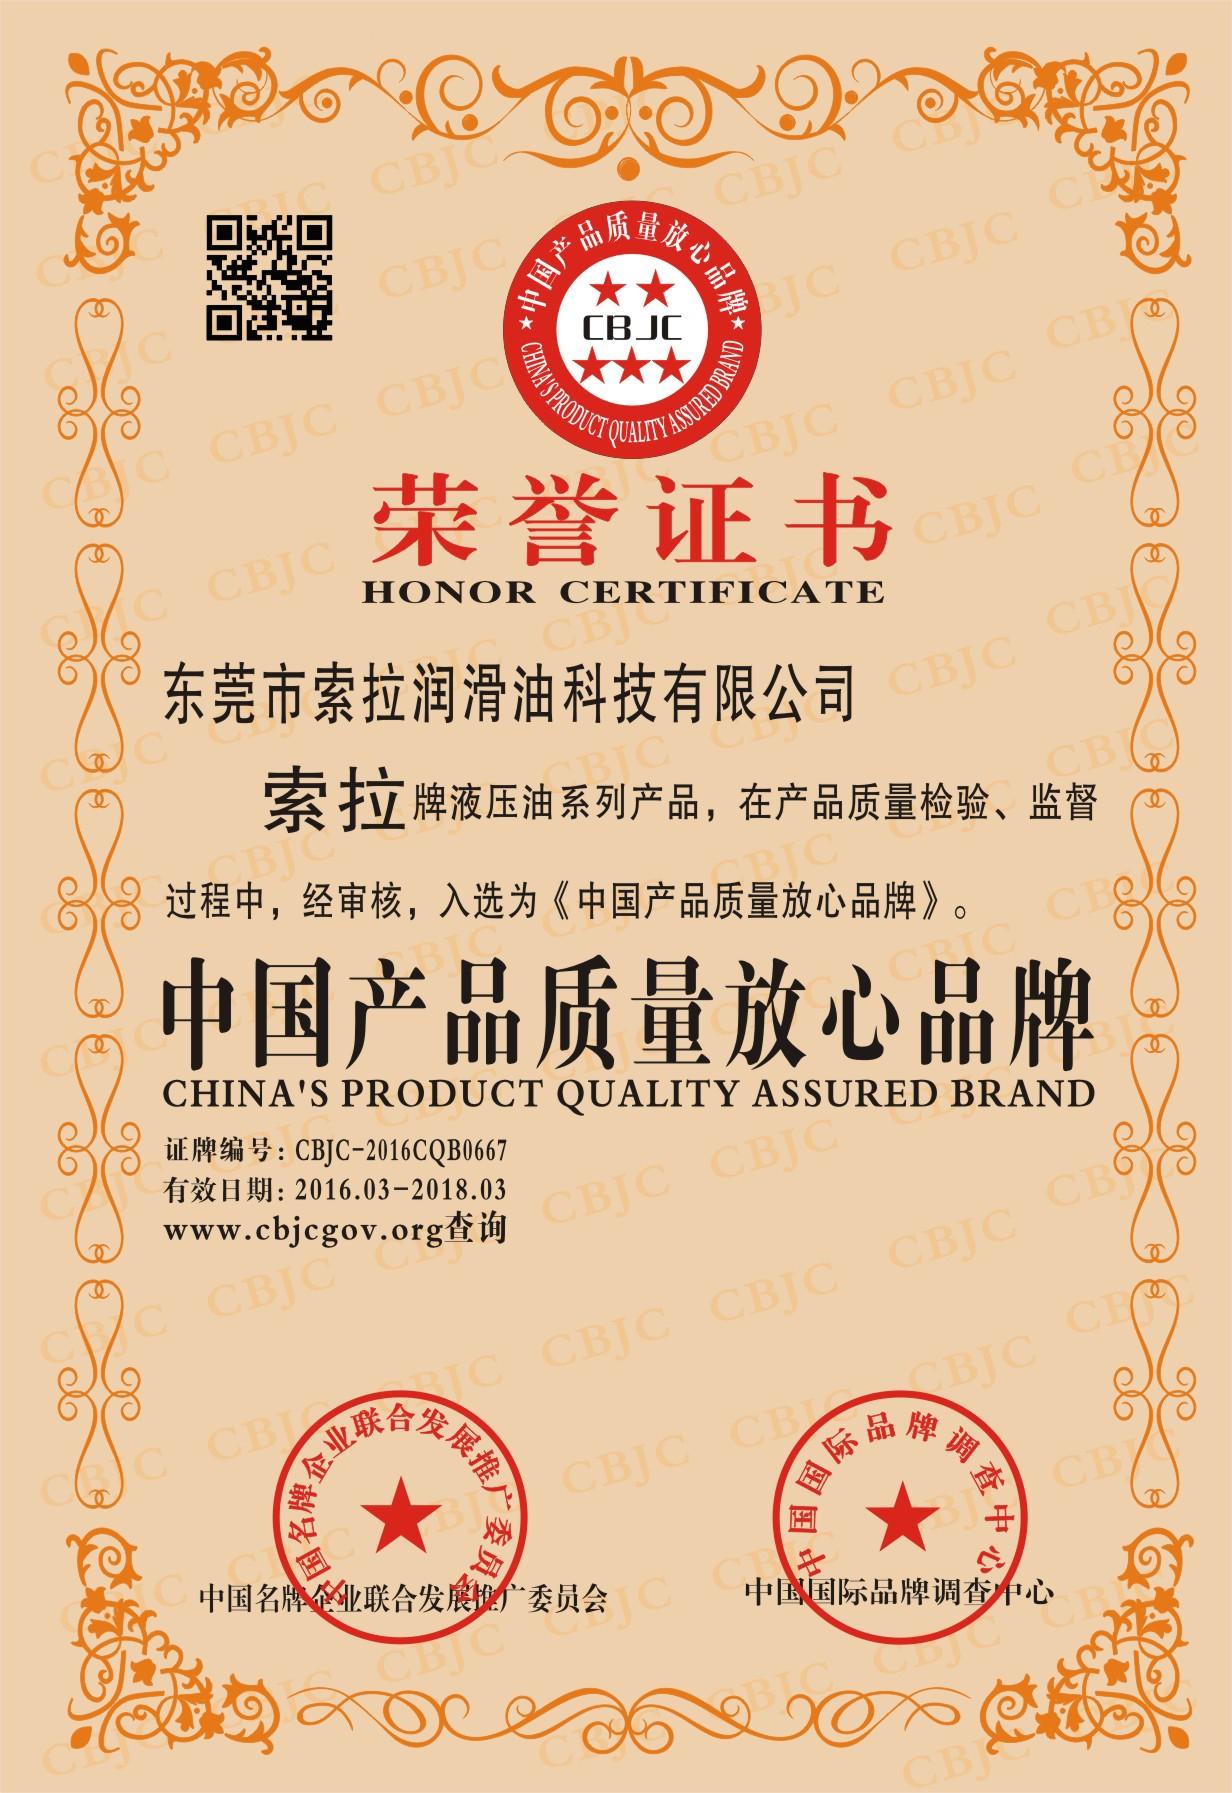 索拉润滑油液压油系列荣获中国产品质量放心品牌荣誉称号